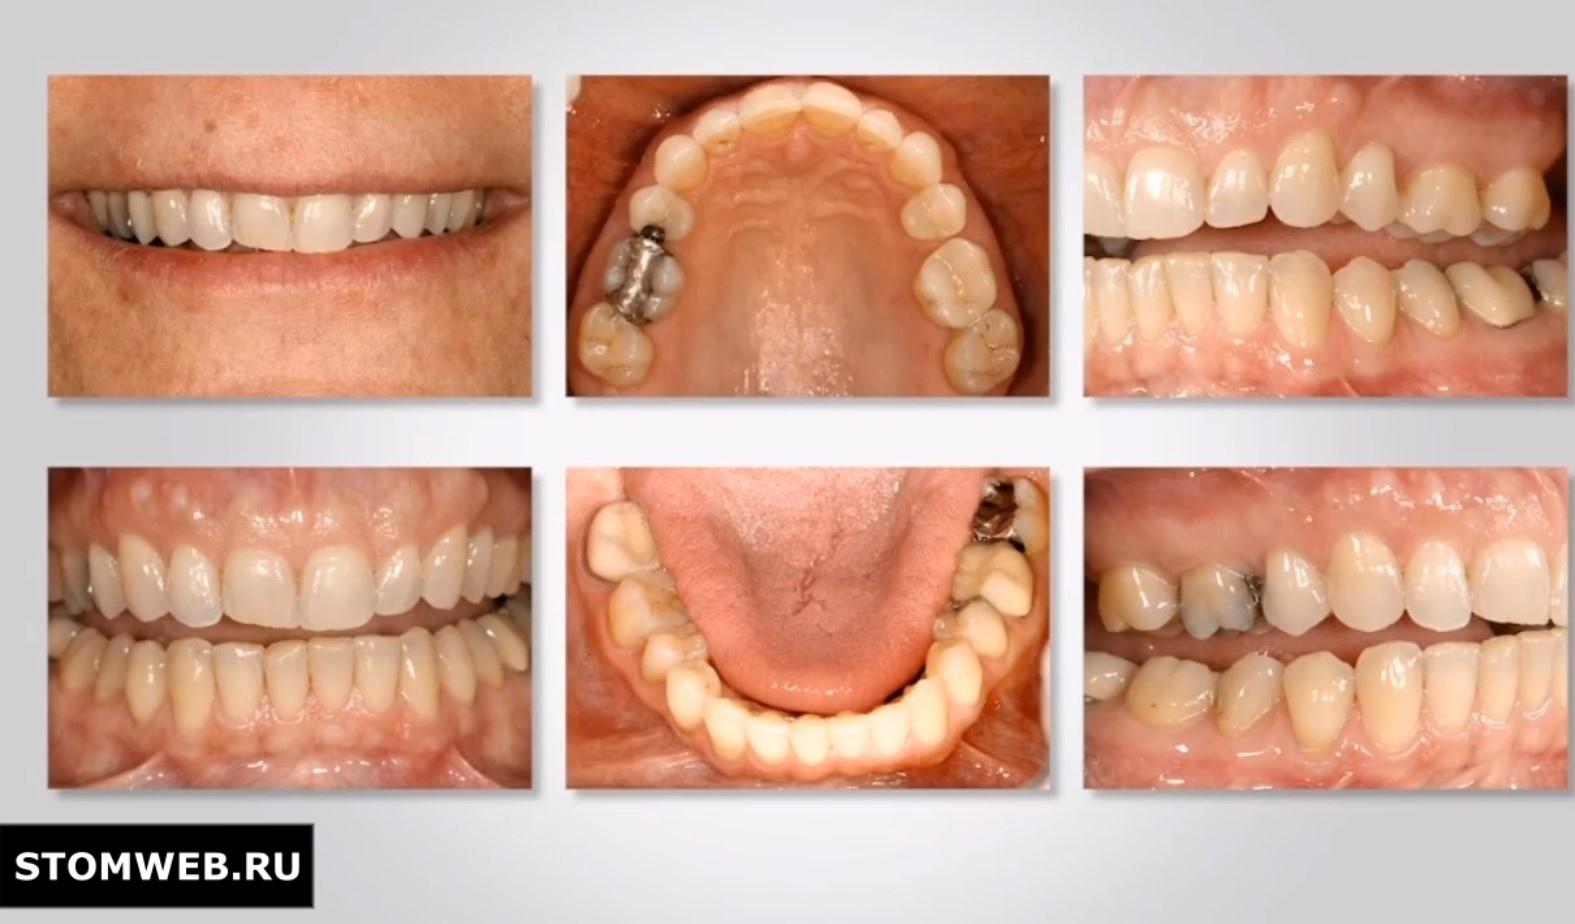 Фотография в стоматологии